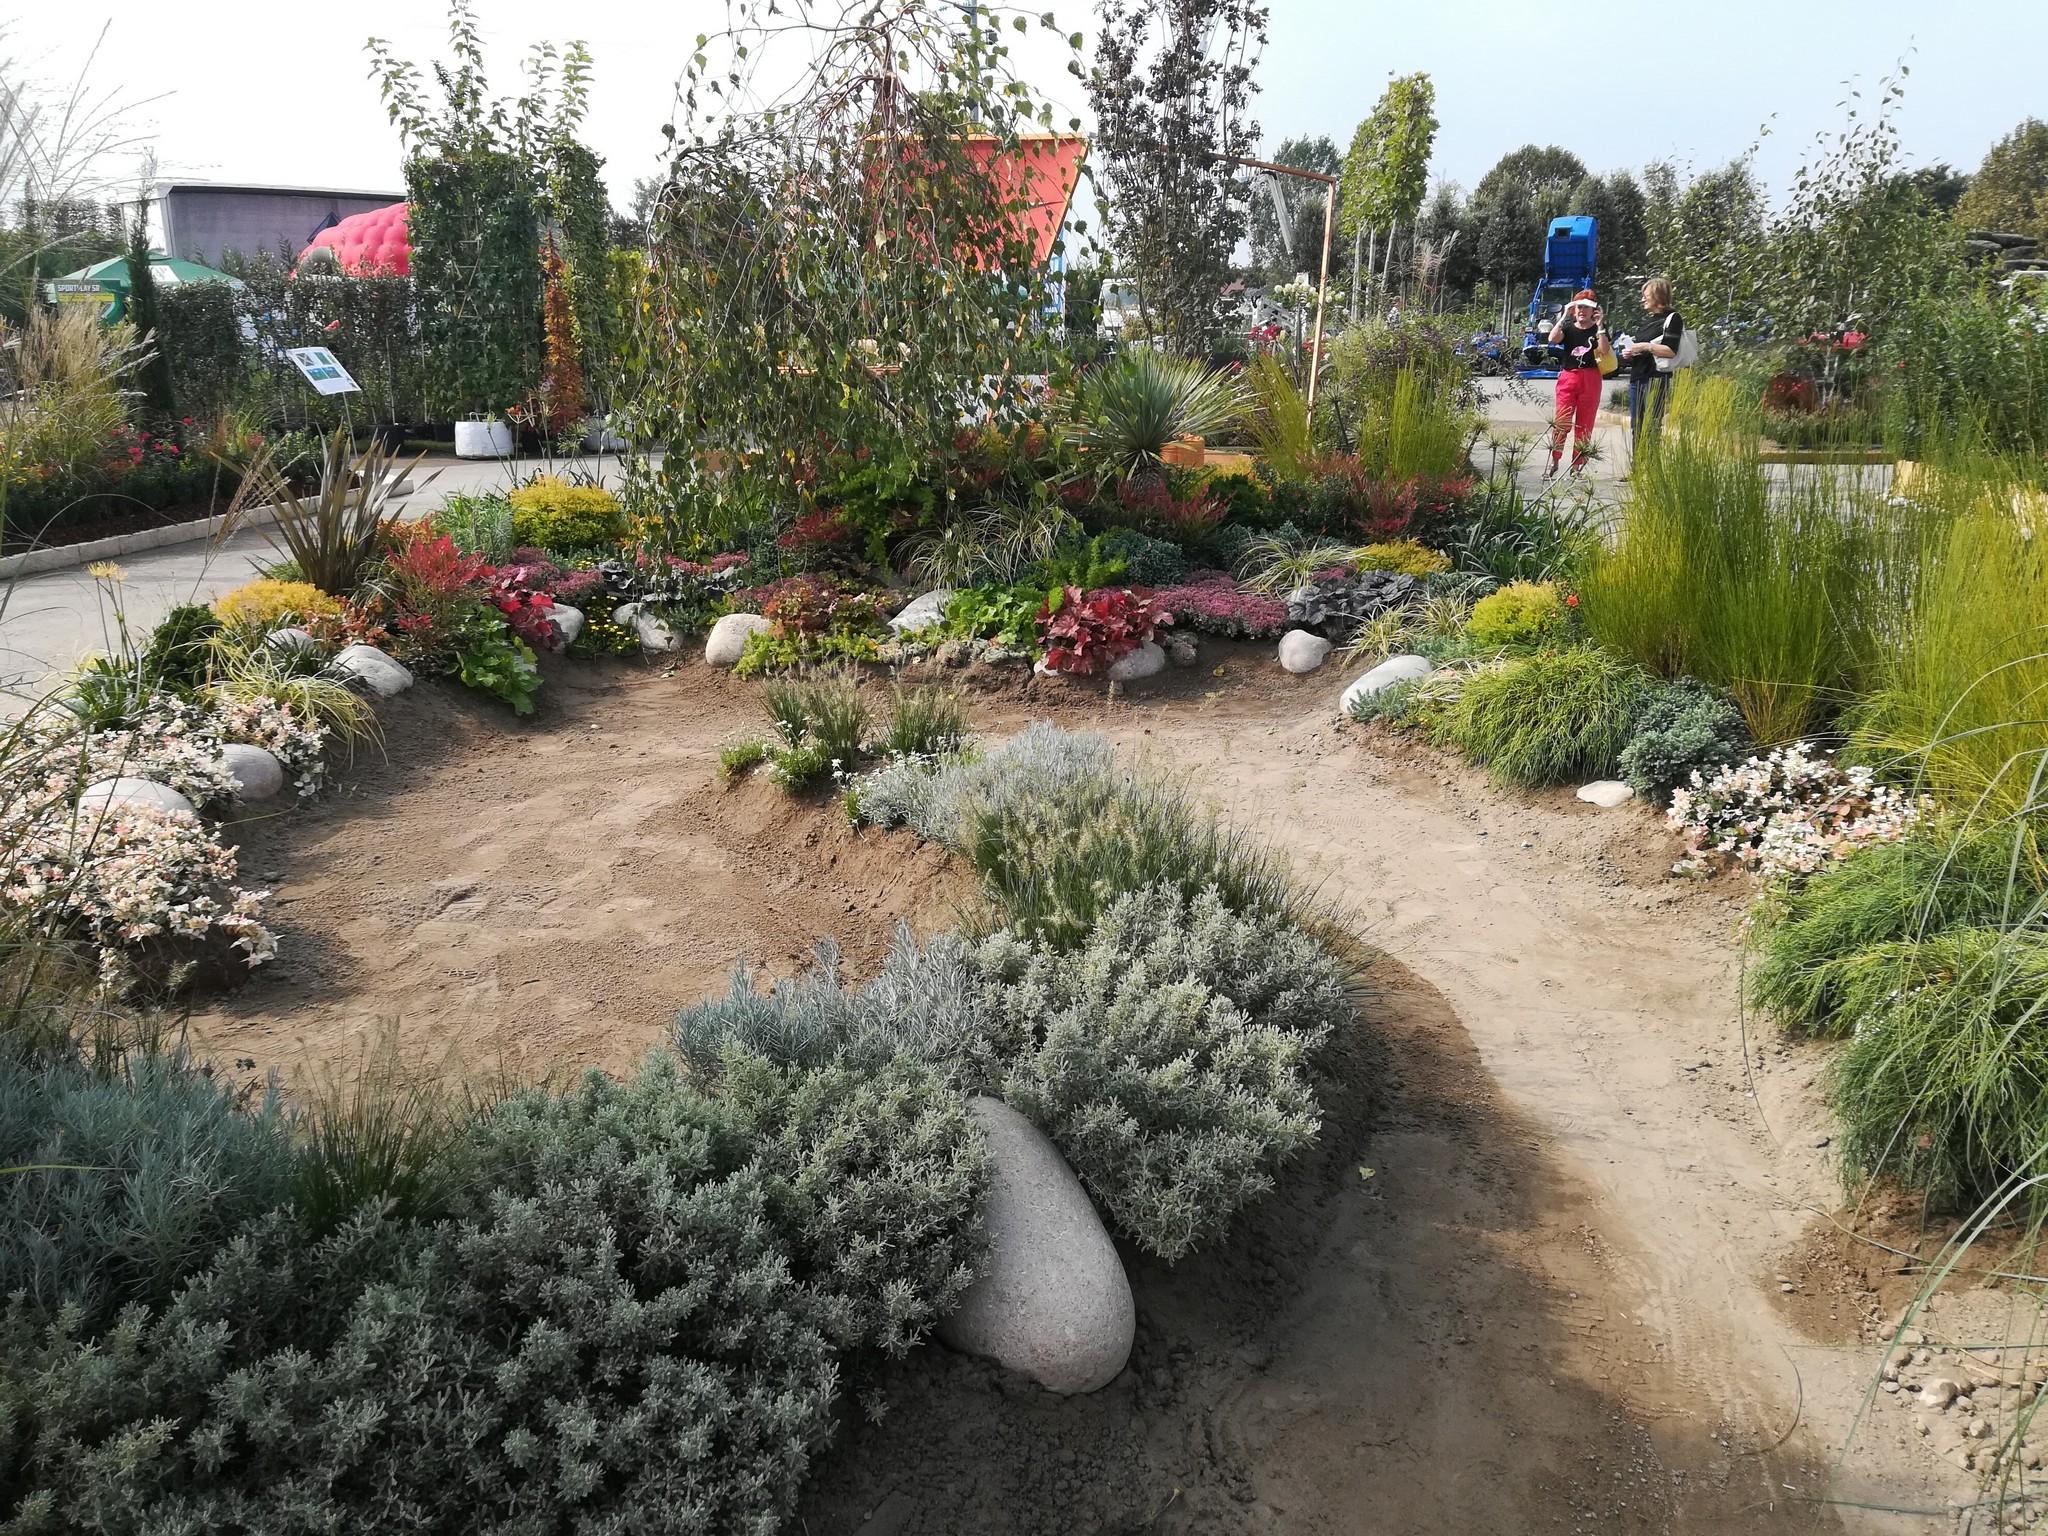 Concorso-giardini-Verdeggiando_39-NAUTILUS-DL4X4-Davide-Cerruto-–-Walter-Coccia-–-Emanuela-Missanelli-–-Daniela-Colombara